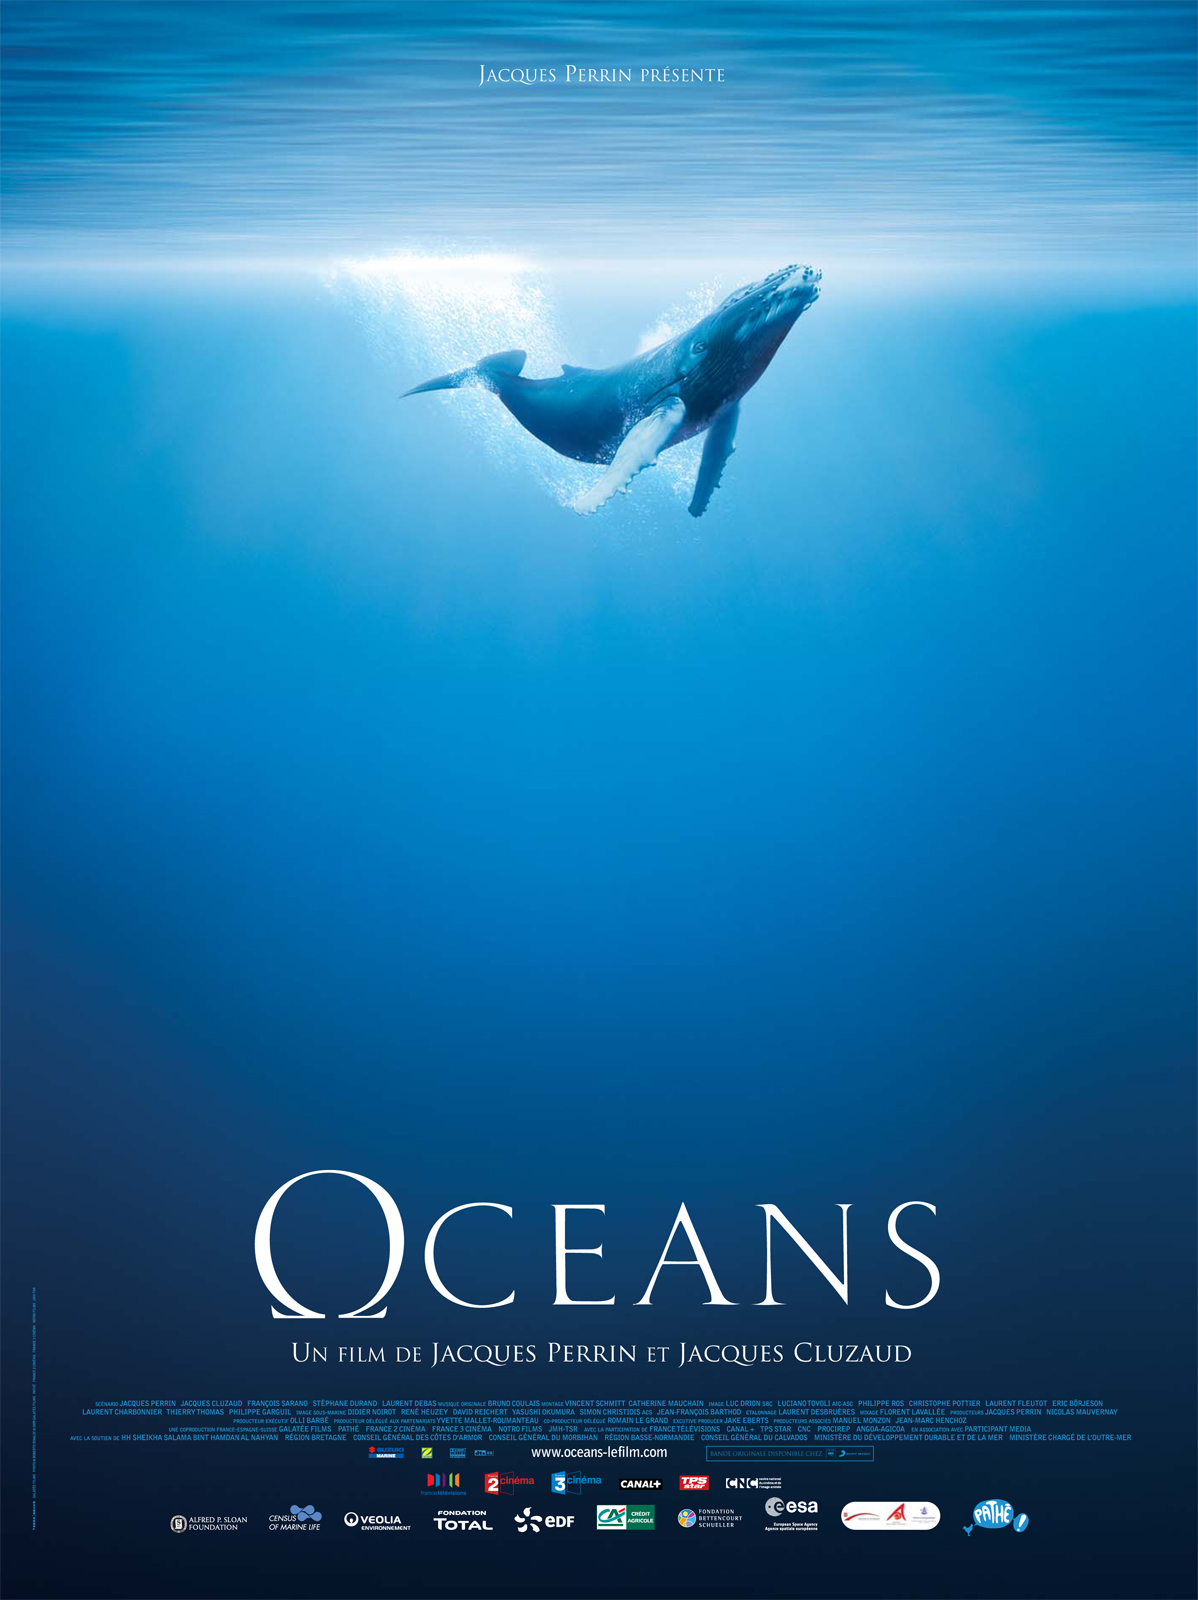 Documentaire film océans de Jacques Perrin